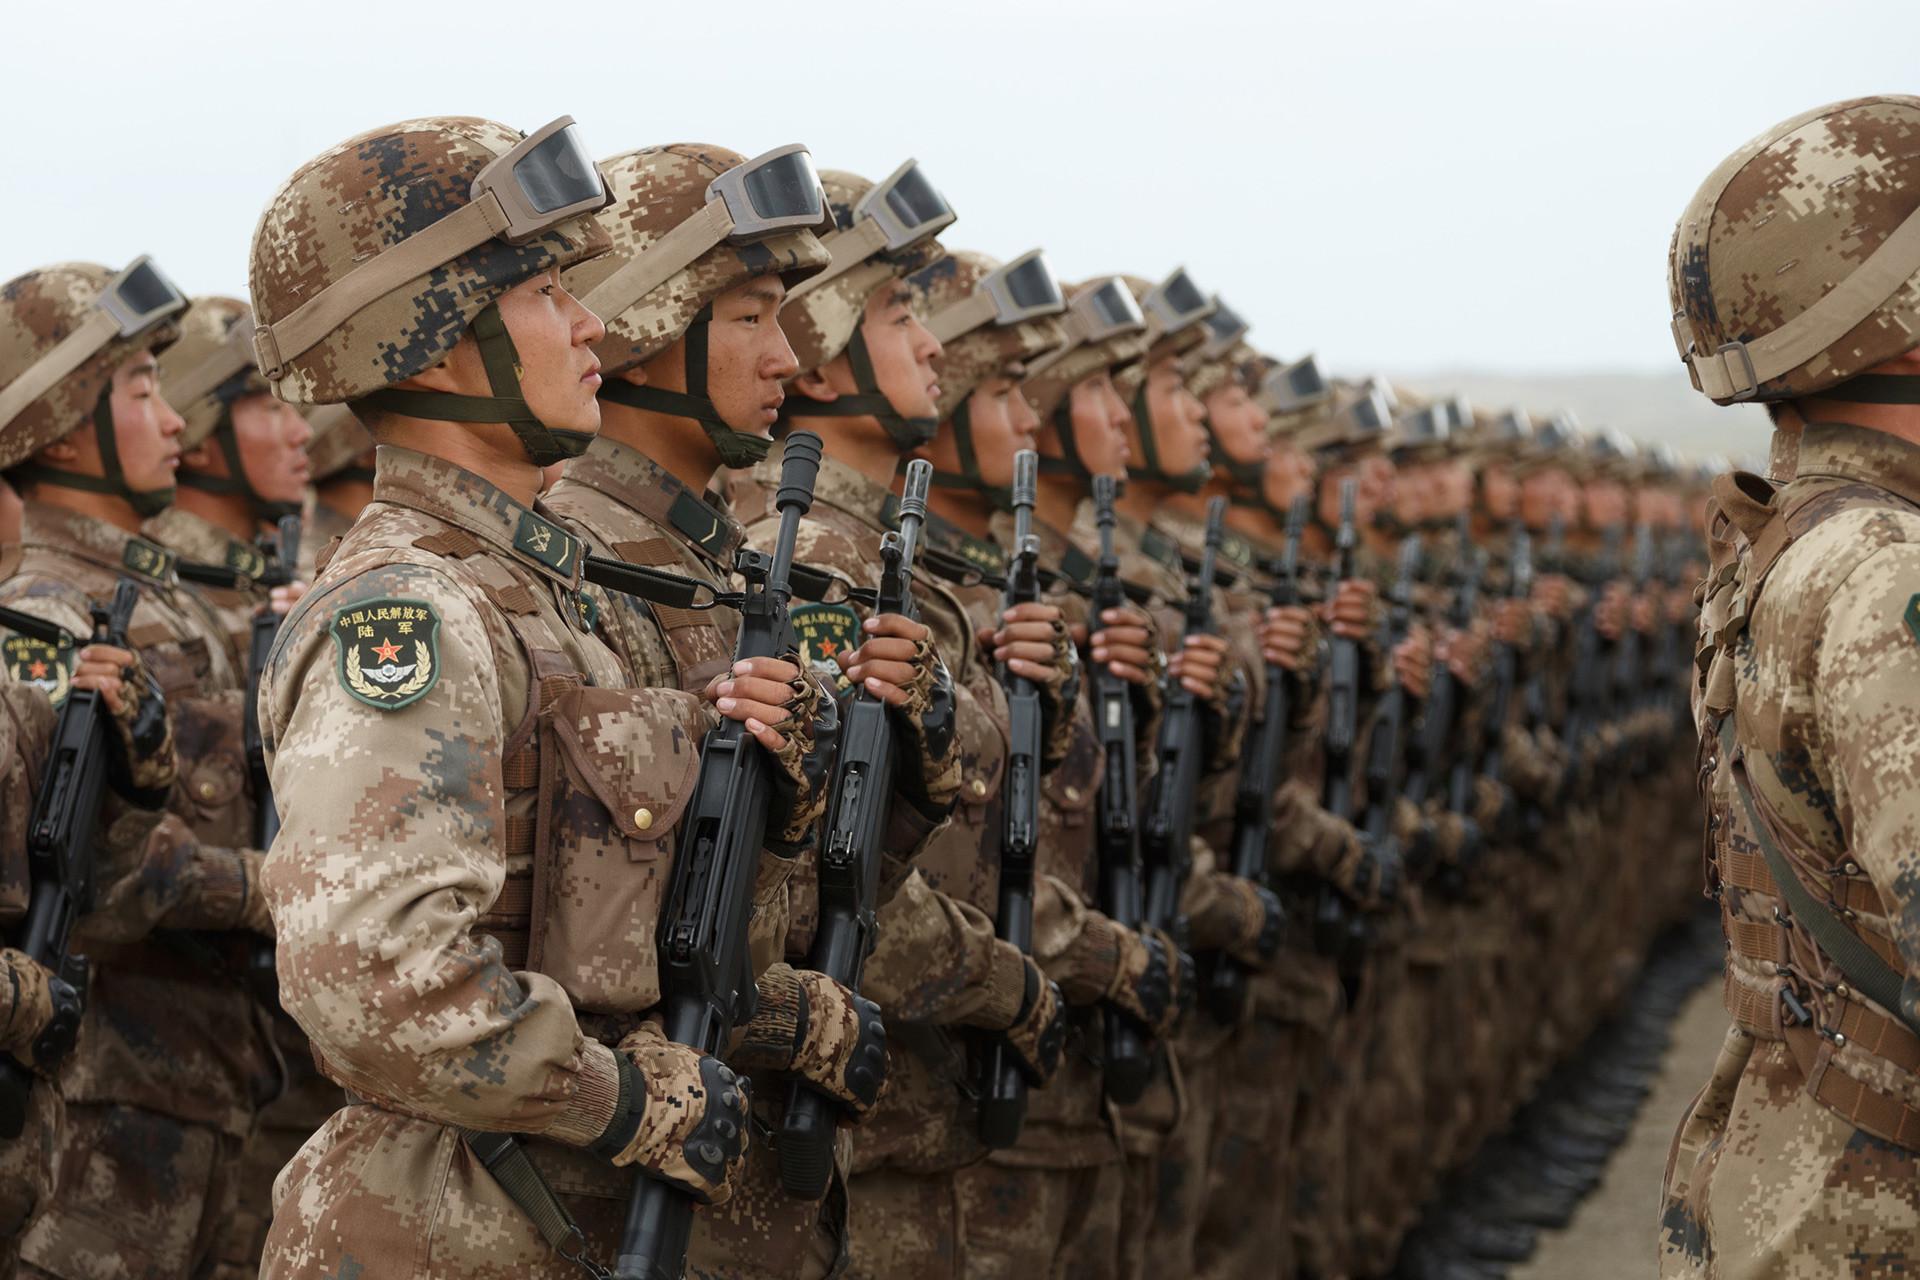 中国人民解放軍の兵士ら。ツゴル演習場での露中合同軍事演習「ボストーク2018」に参加した車両・航空機によるパレードにて。